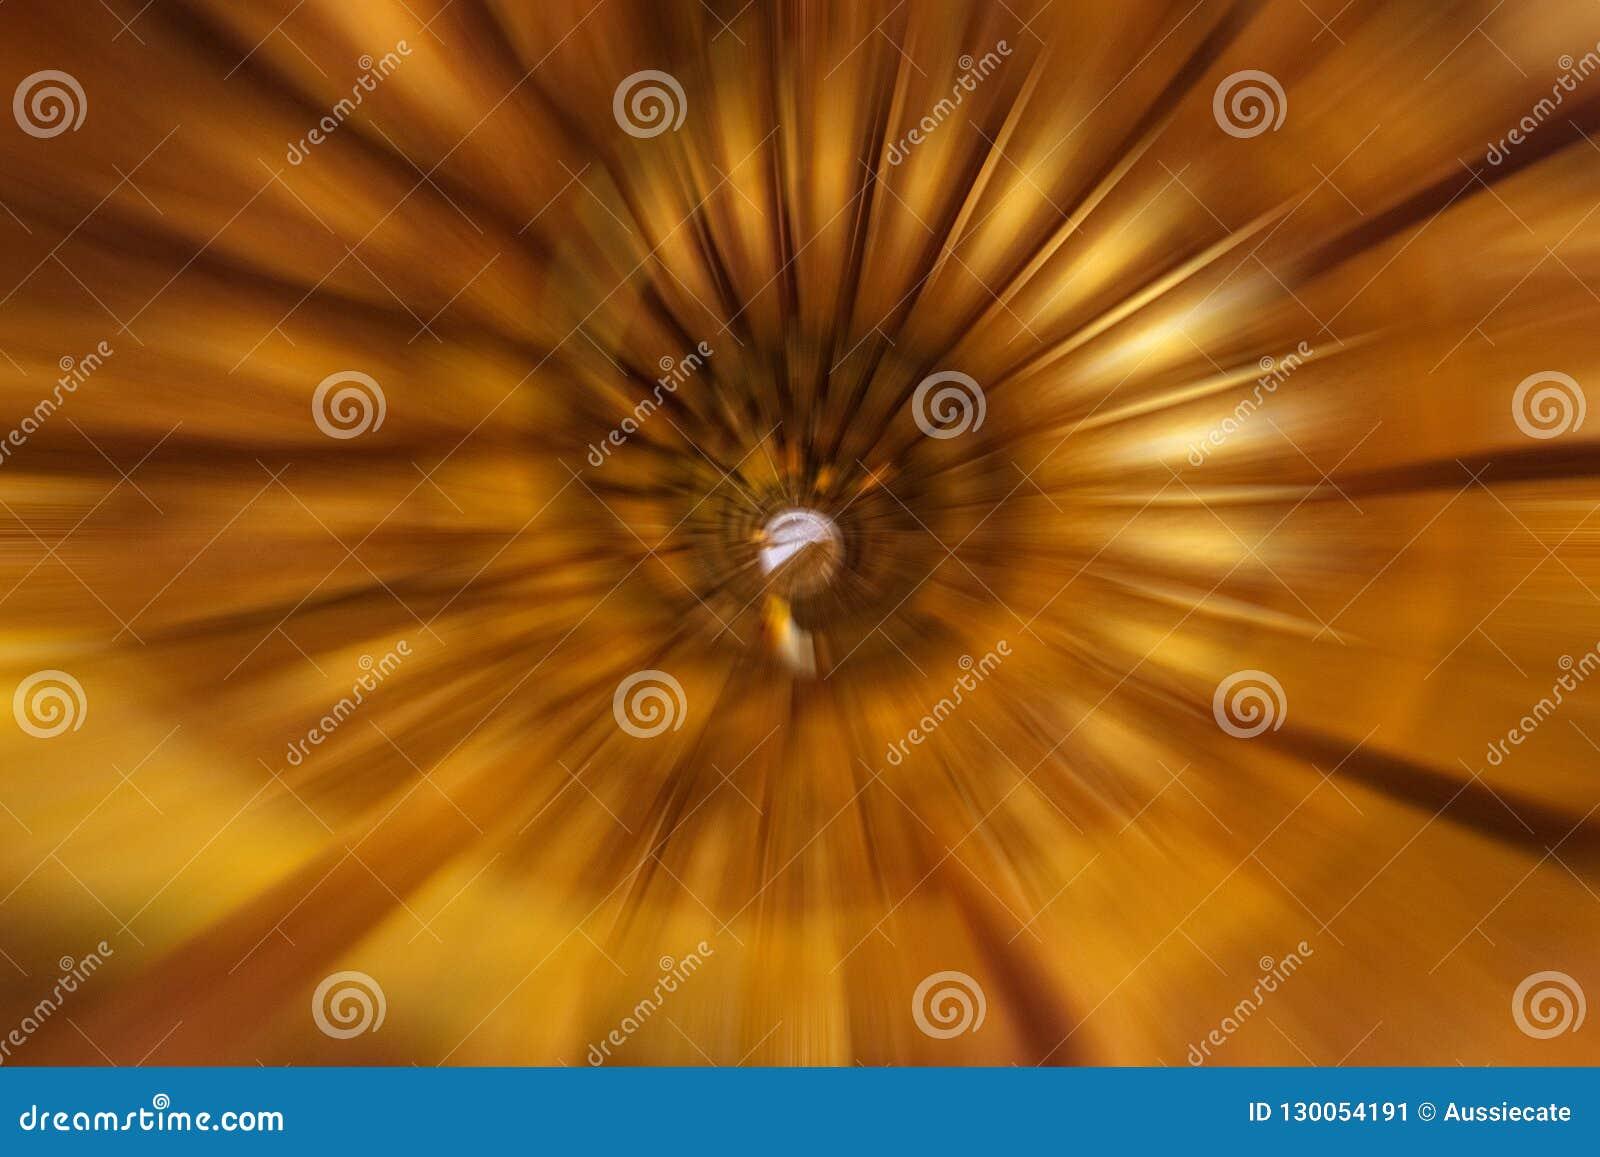 Fibonacci bstract spiraalvormige achtergrond van wenteltrap die gezoemonduidelijk beeld gebruiken